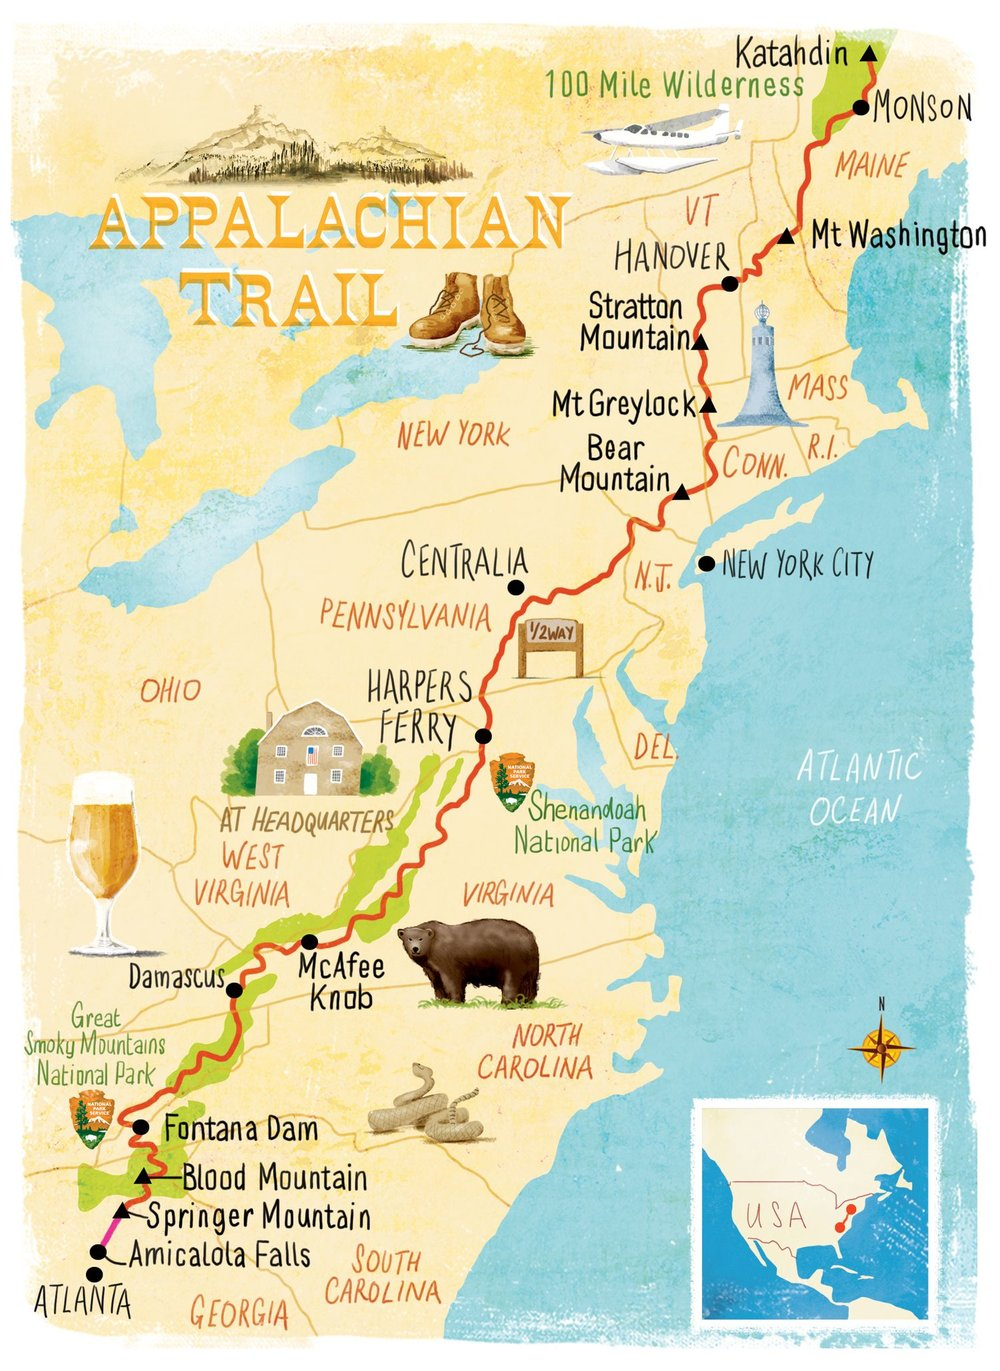 applachian trail map - scott Jessop.jpg